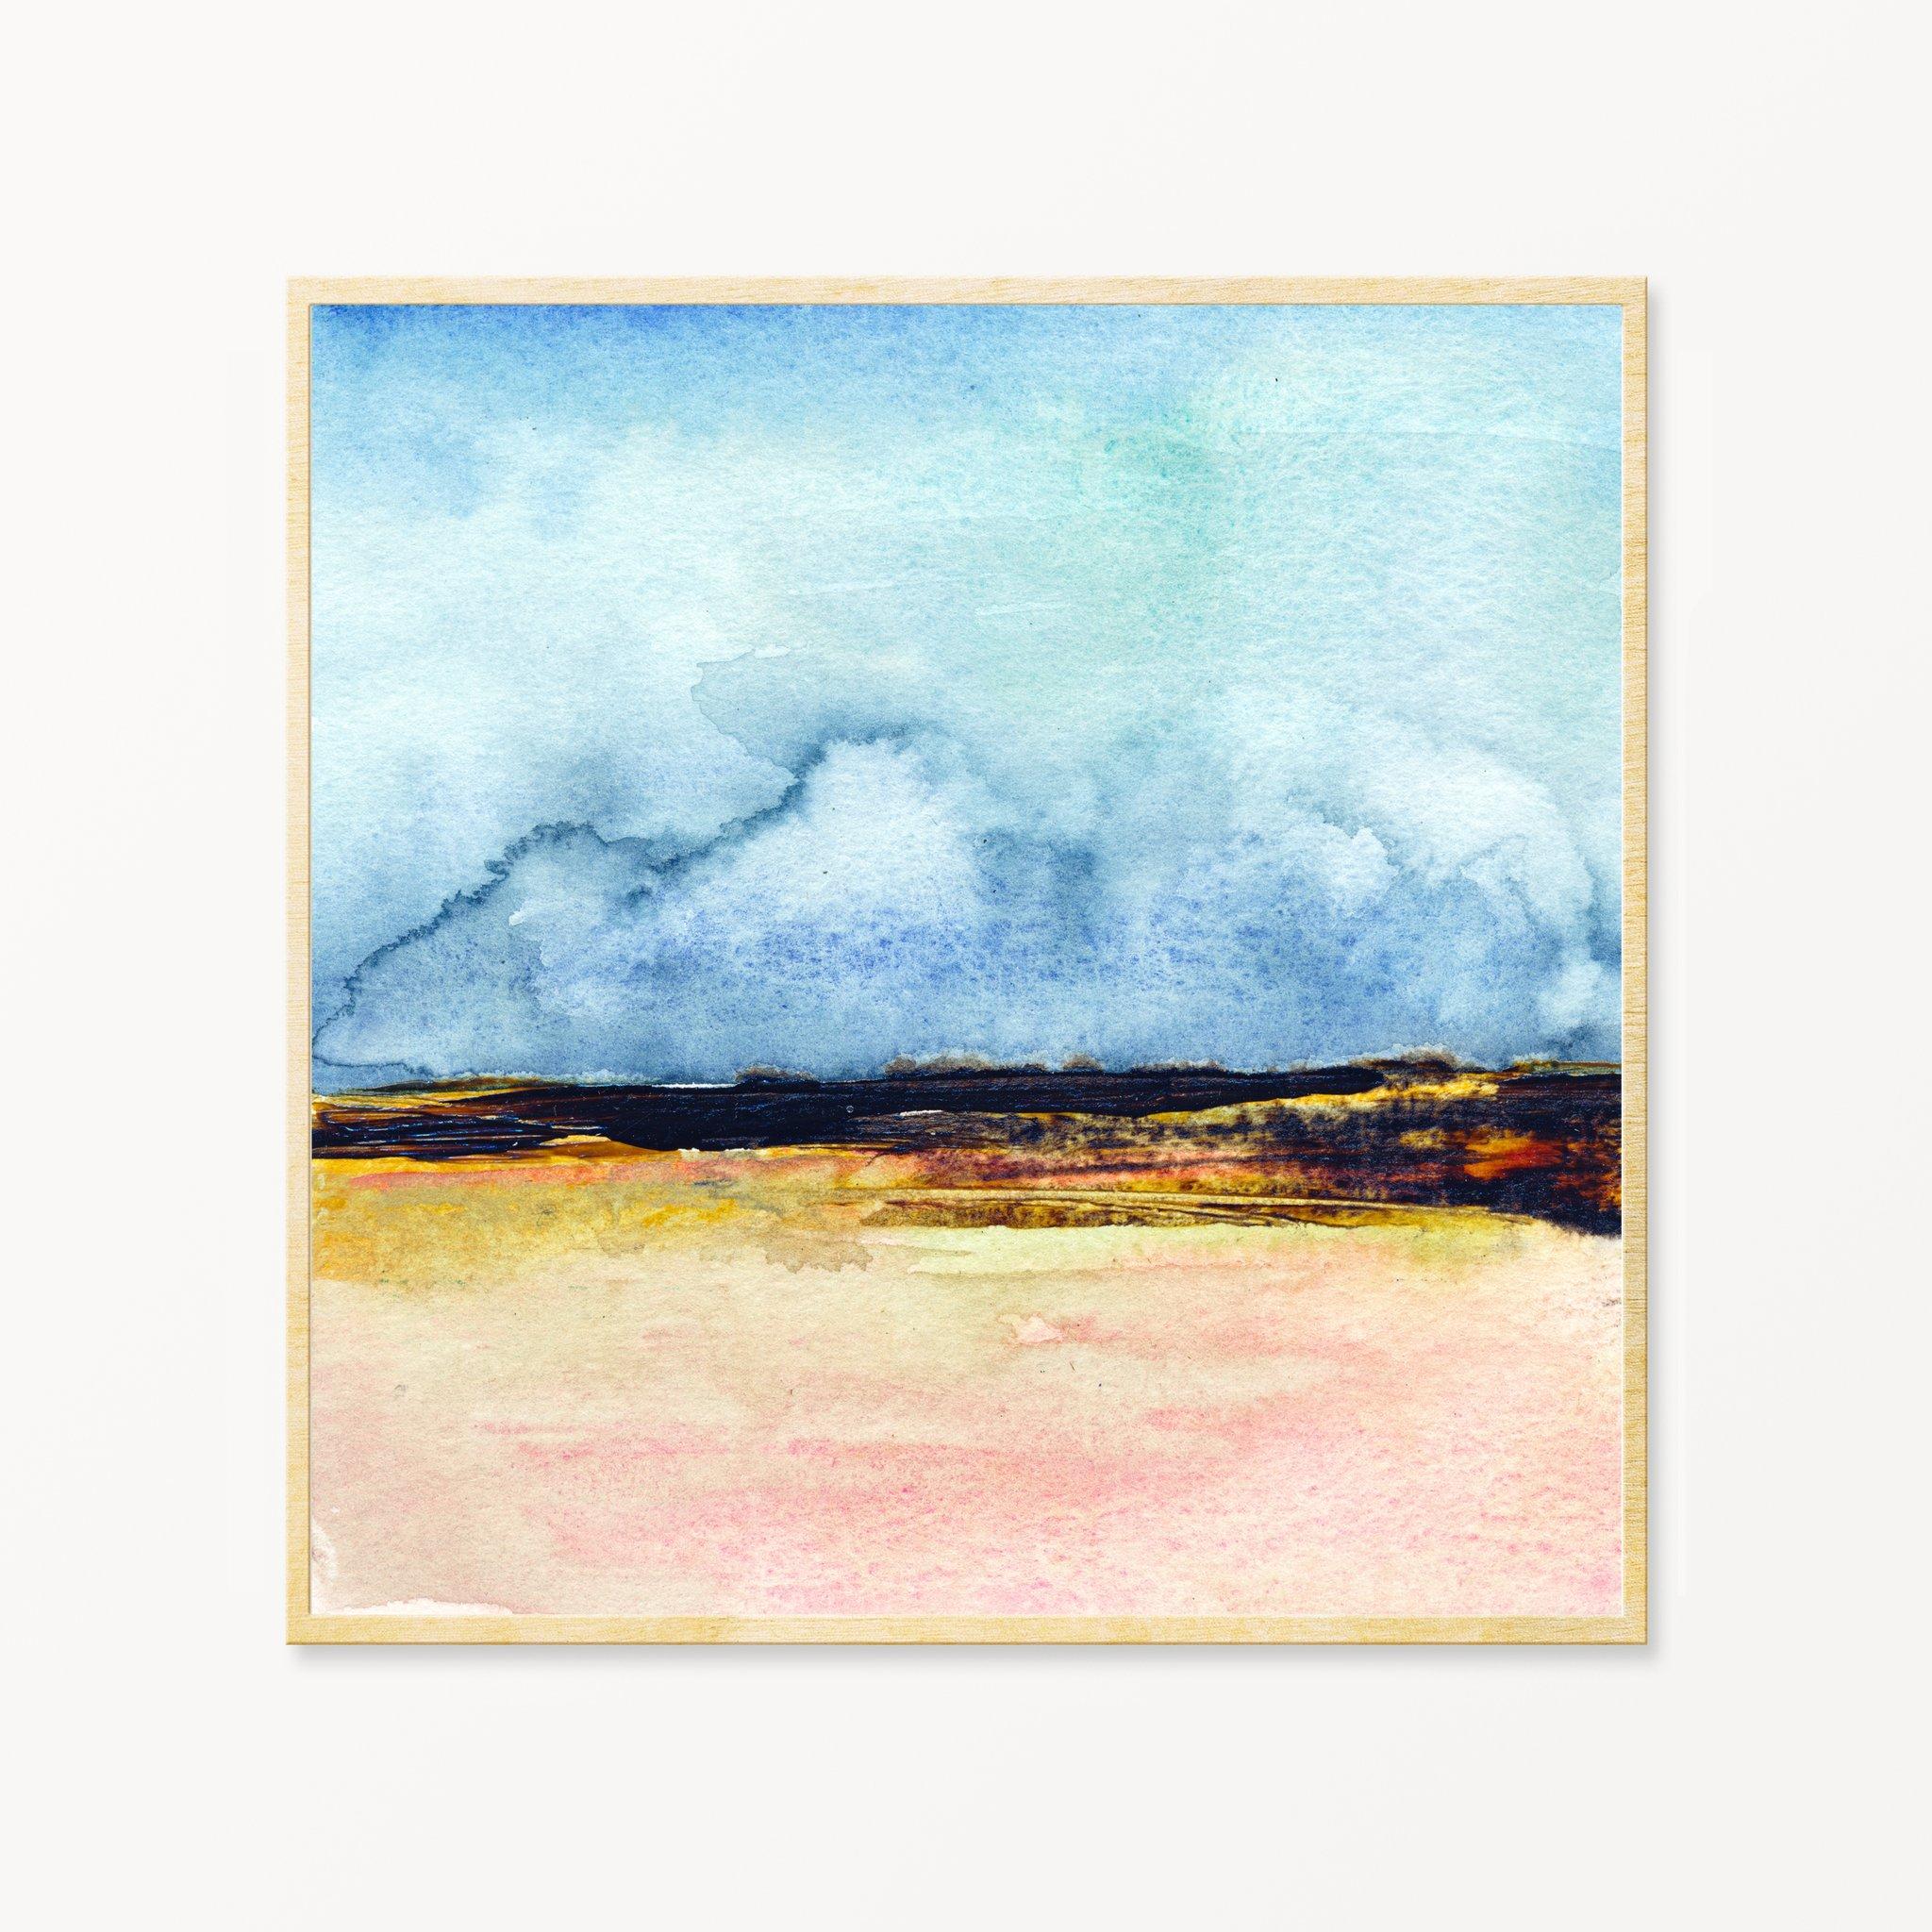 2048x2048 Landscape Painting